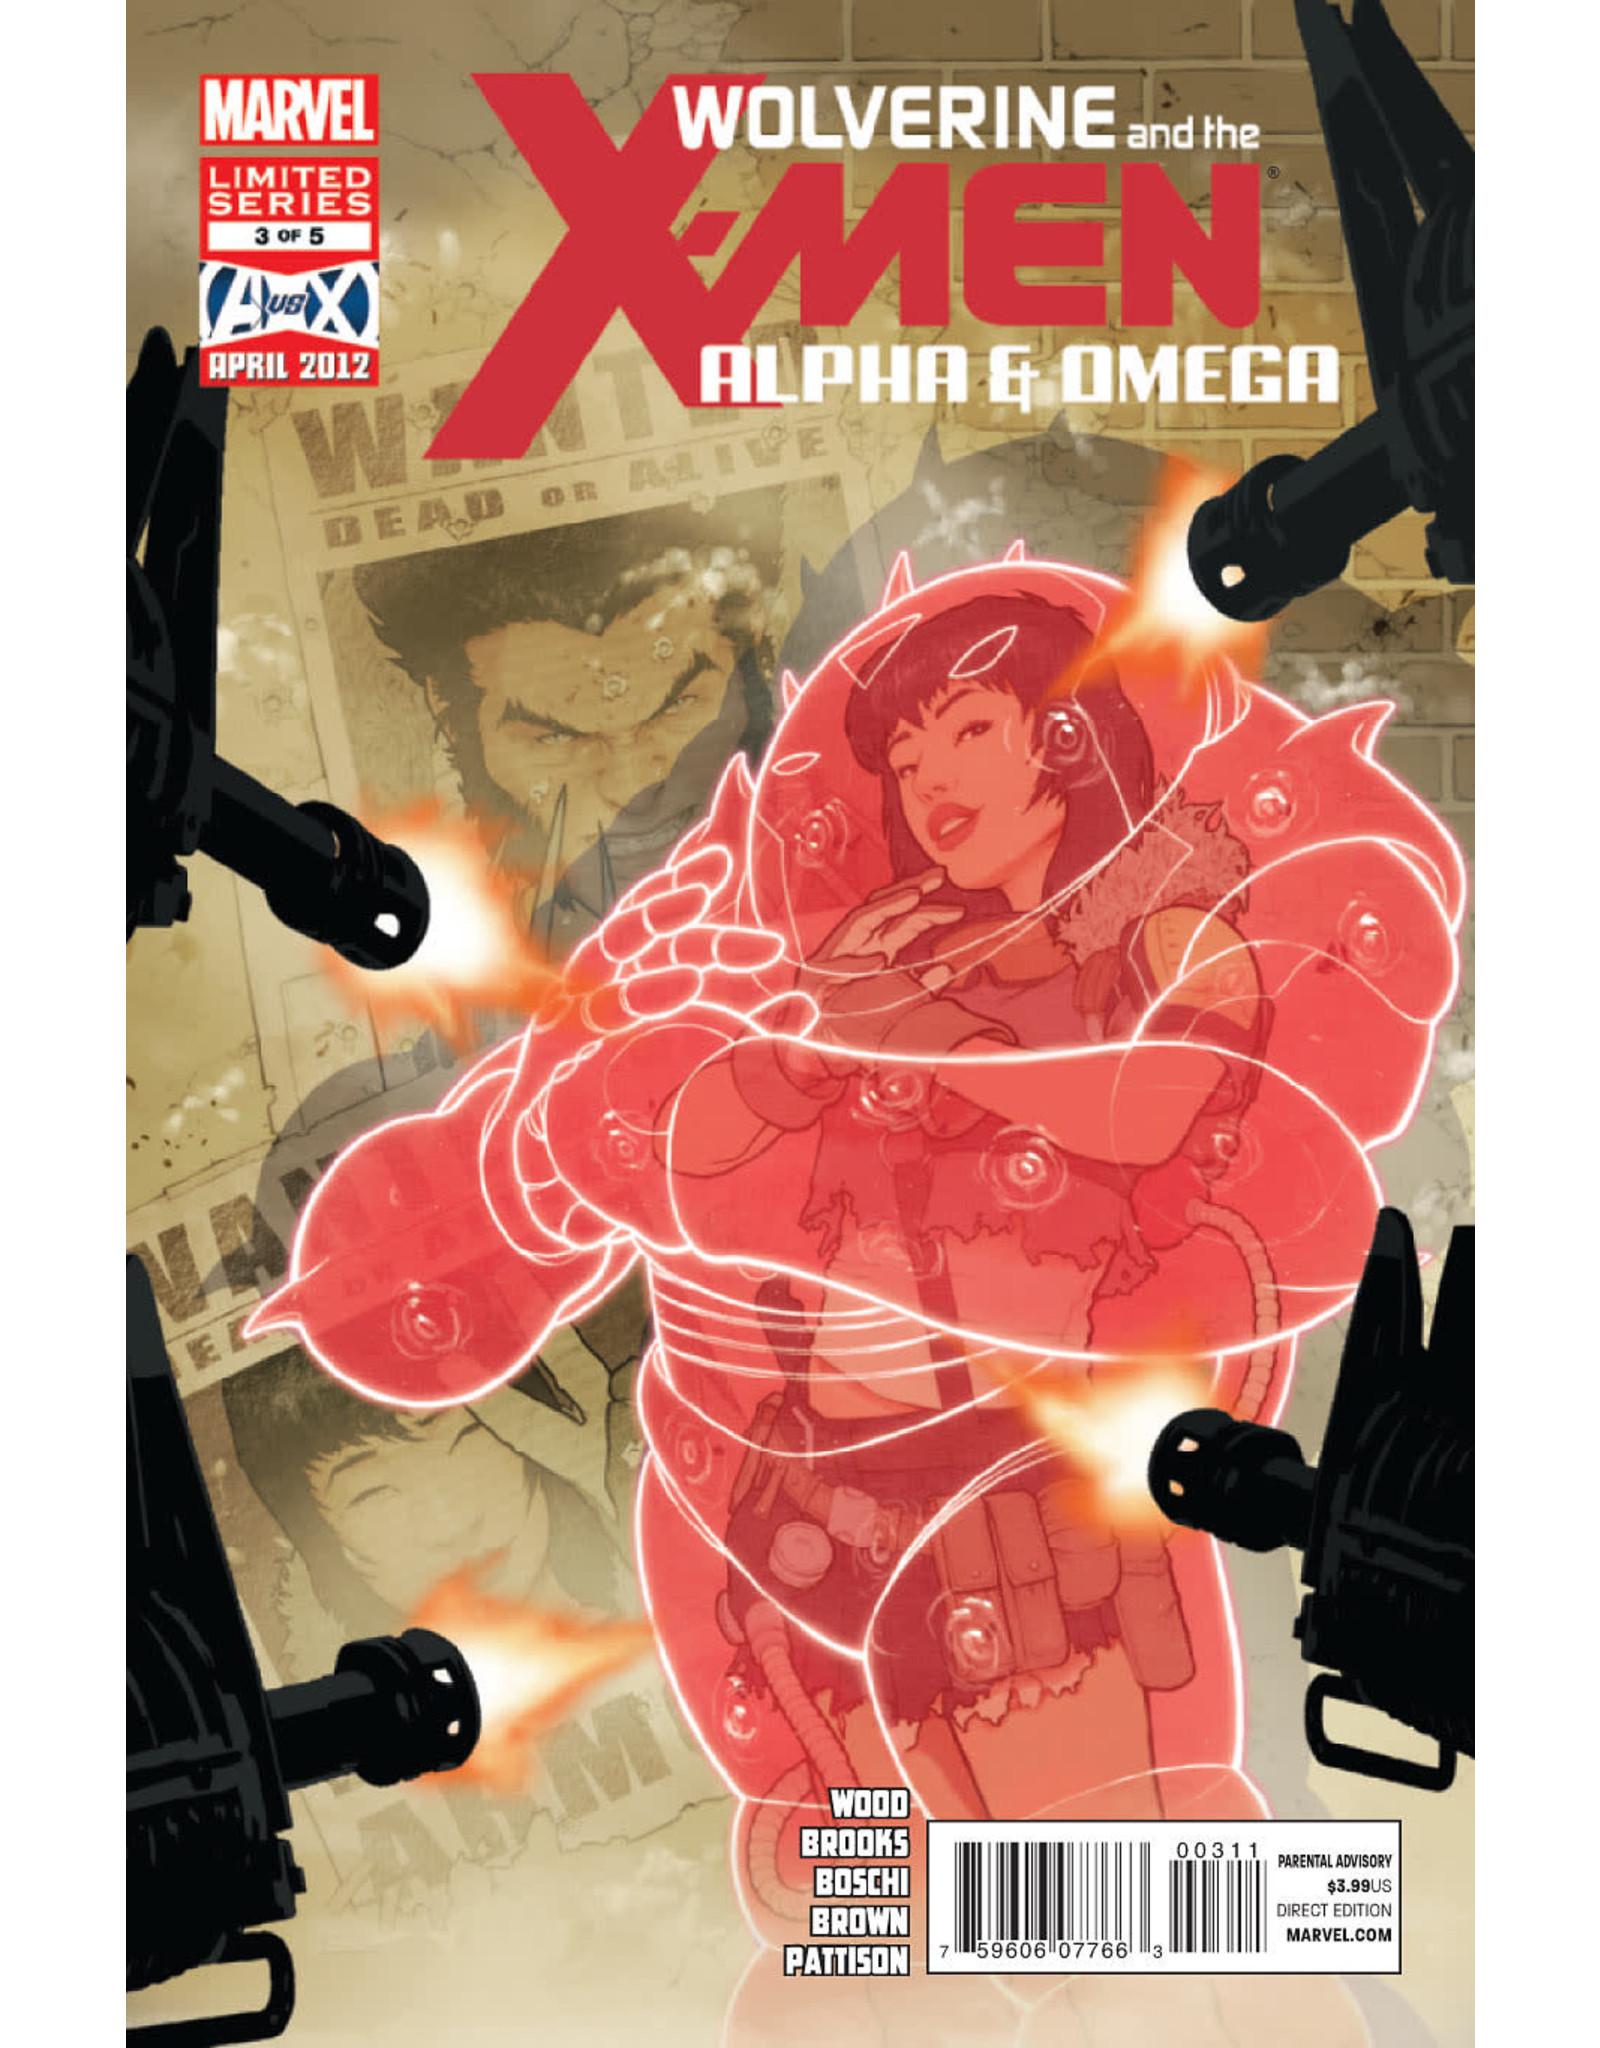 MARVEL COMICS WOLVERINE AND X-MEN PREM HC ALPHA AND OMEGA